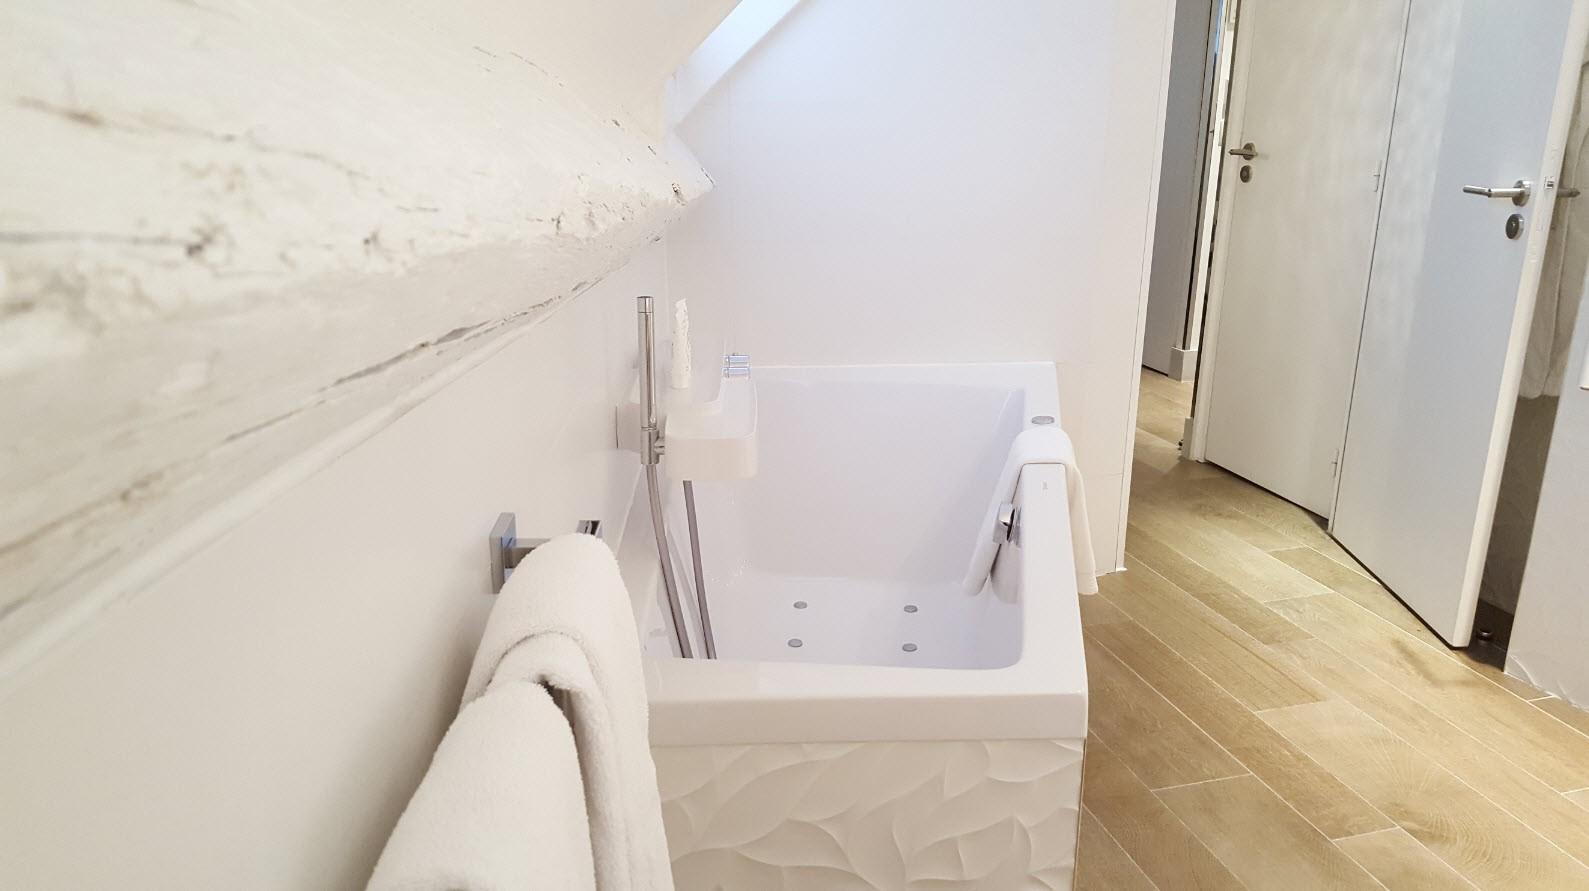 Miroir Salle De Bain Monsieur Bricolage ~ Elegant H Tel Chavanel Paris Inspiration For Travellers